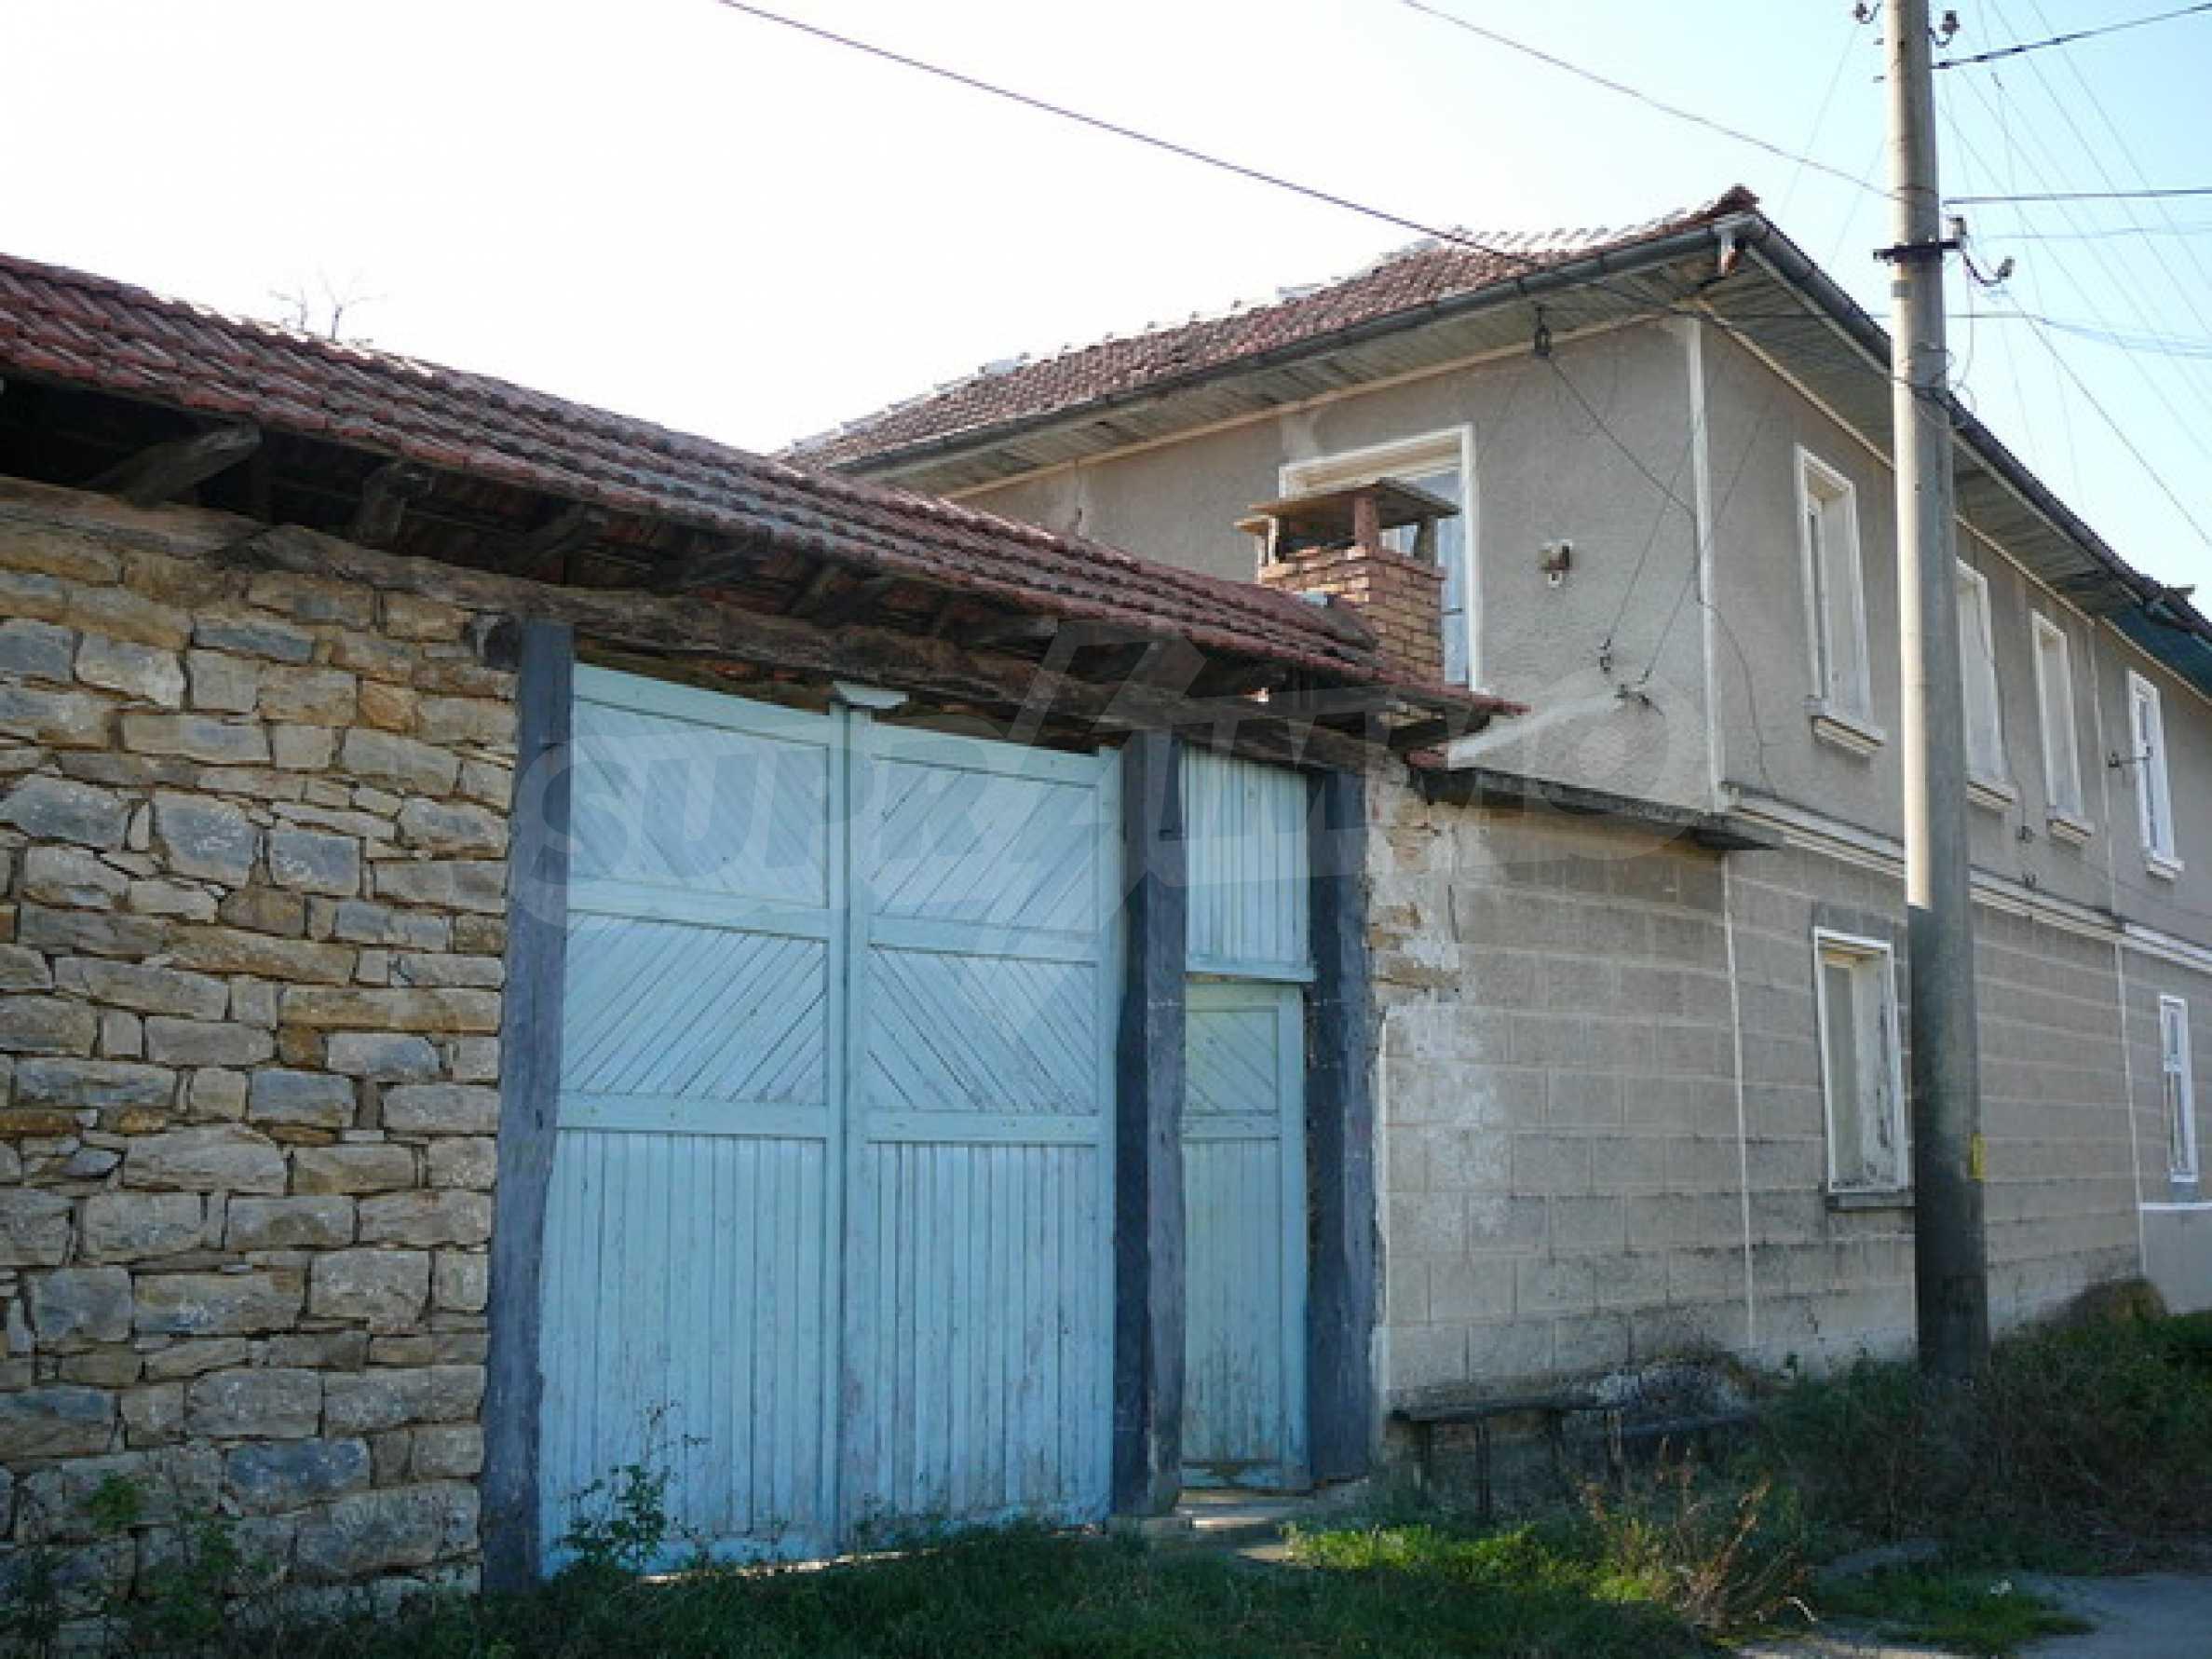 Къща за продажба близо до гр. Велико Търново 48